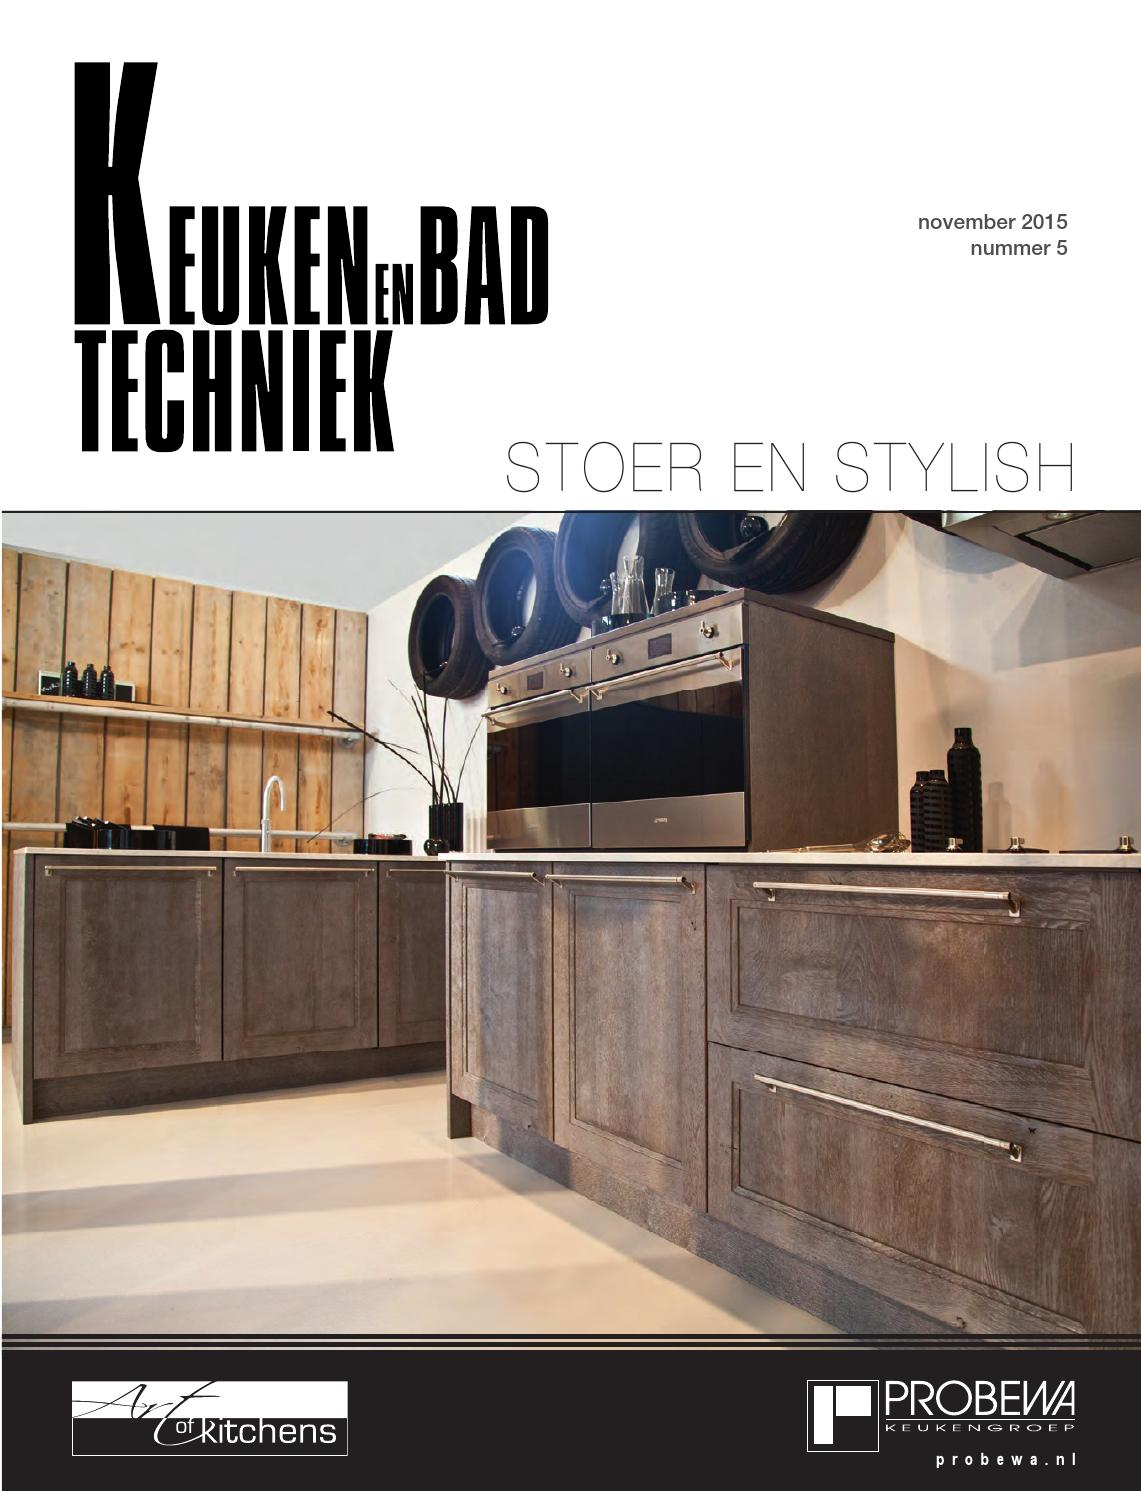 Keuken en badtechniek no.4 september 2011 by uitgeverij de schouw ...